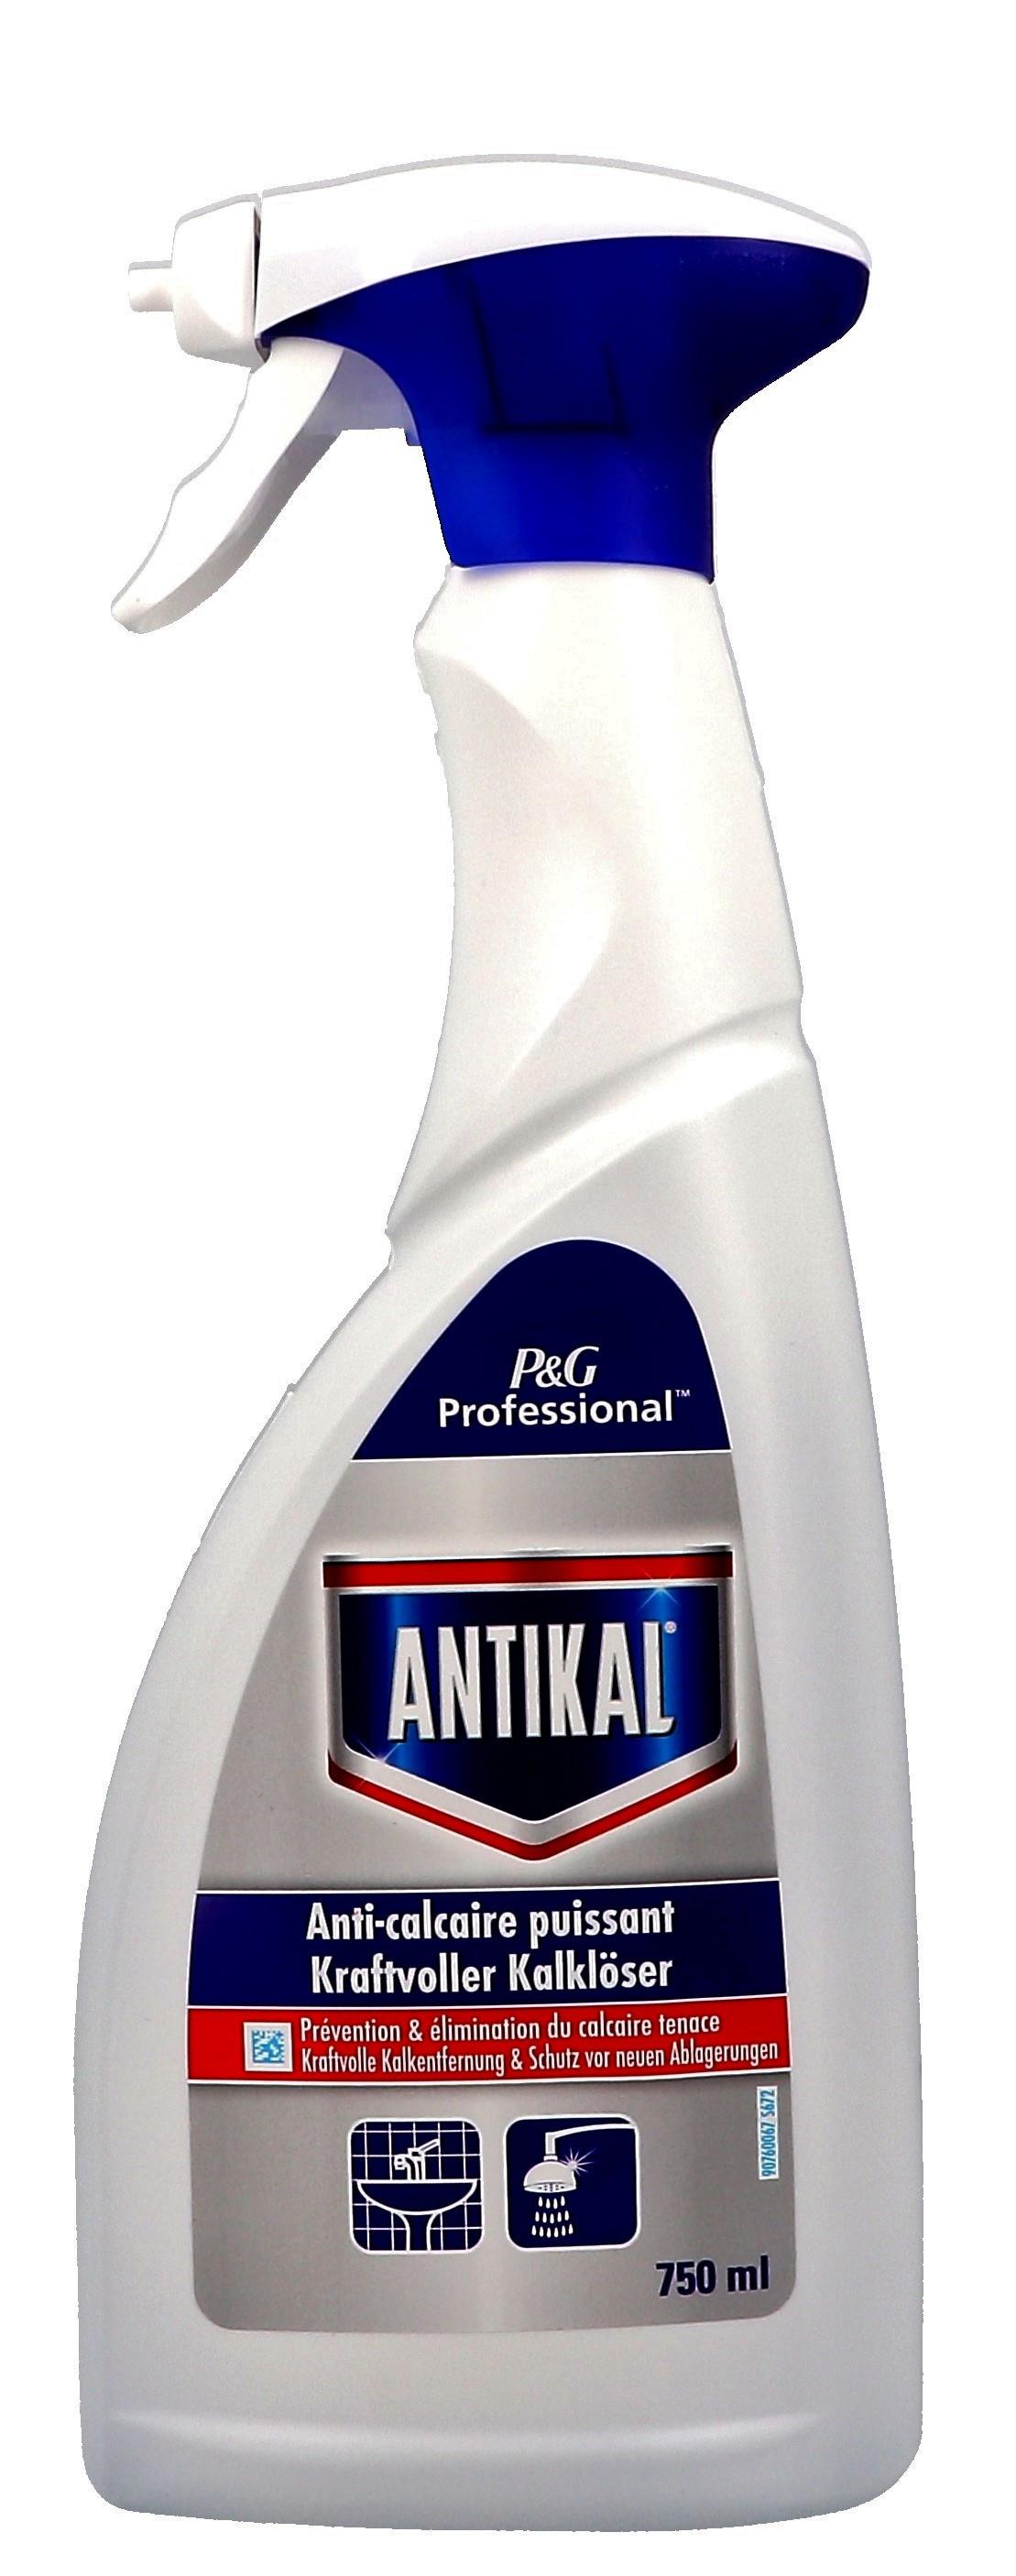 Mr.proper antikal wc-reiniger 750ml fles